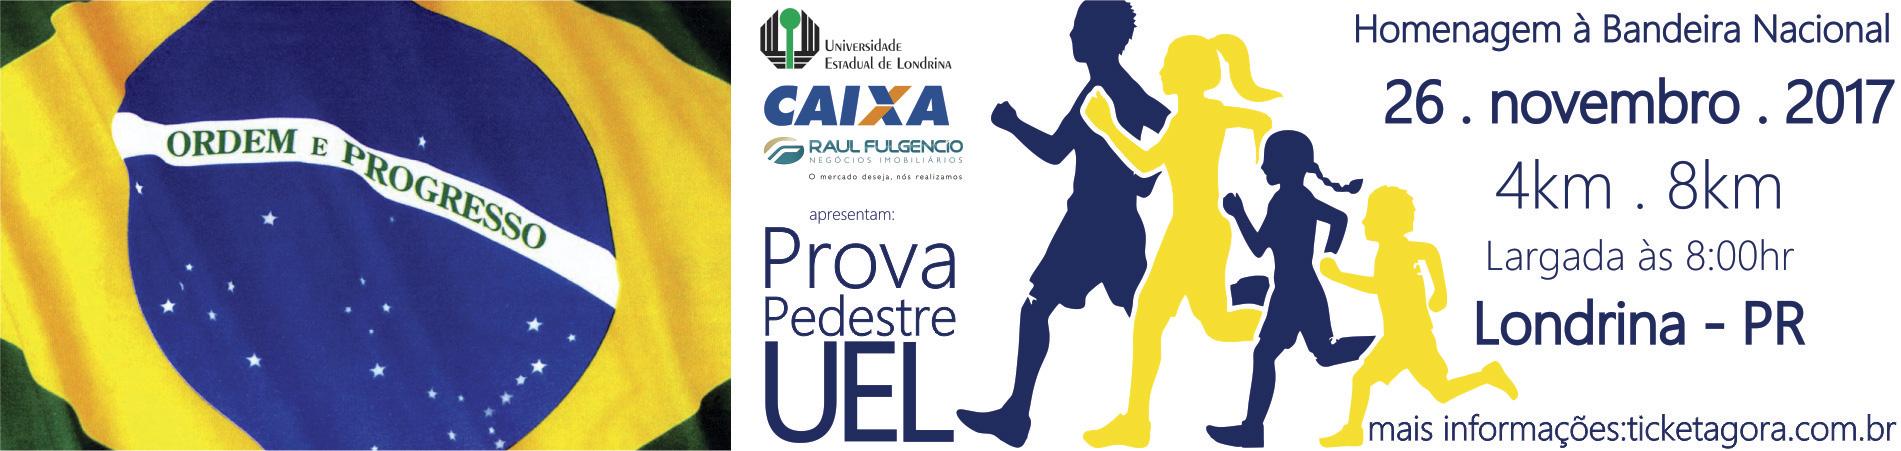 PROVA PEDESTRE UEL - 2017 - Imagem de topo